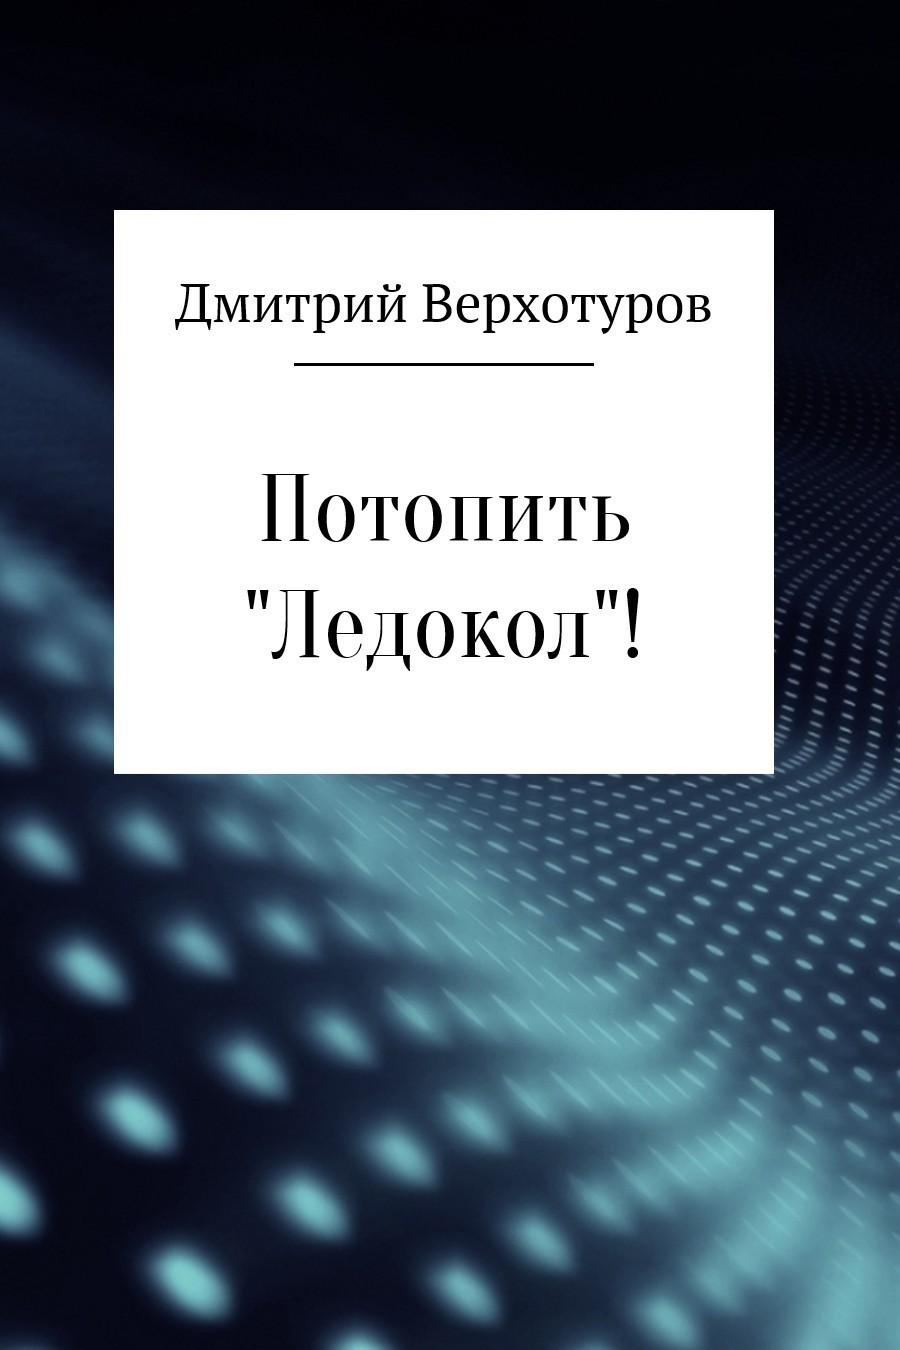 Дмитрий Верхотуров - Потопить «Ледокол»!